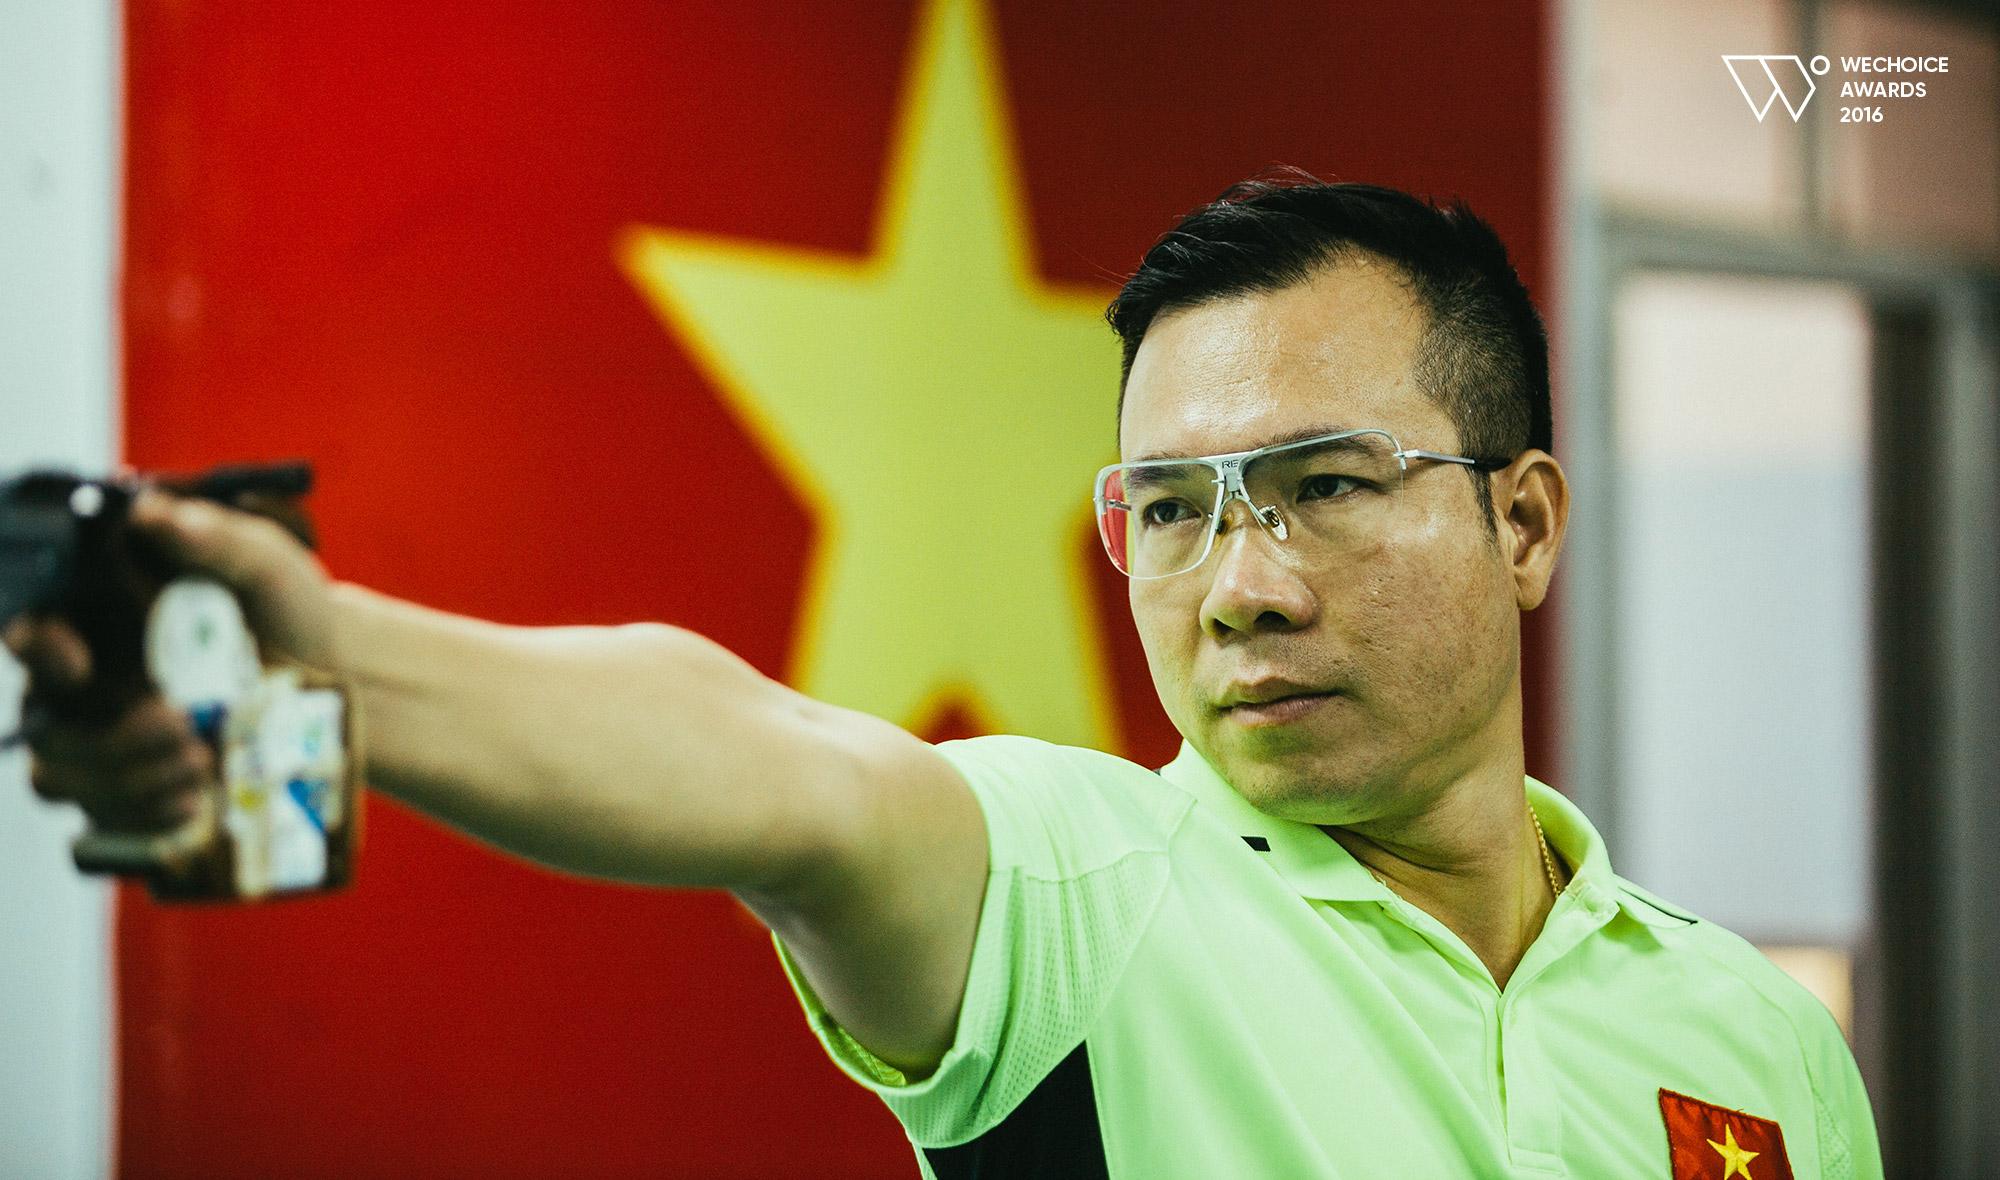 Hoàng Xuân Vinh - Niềm cảm hứng từ một người đàn ông bình thường, đã làm nên điều phi thường - Ảnh 13.